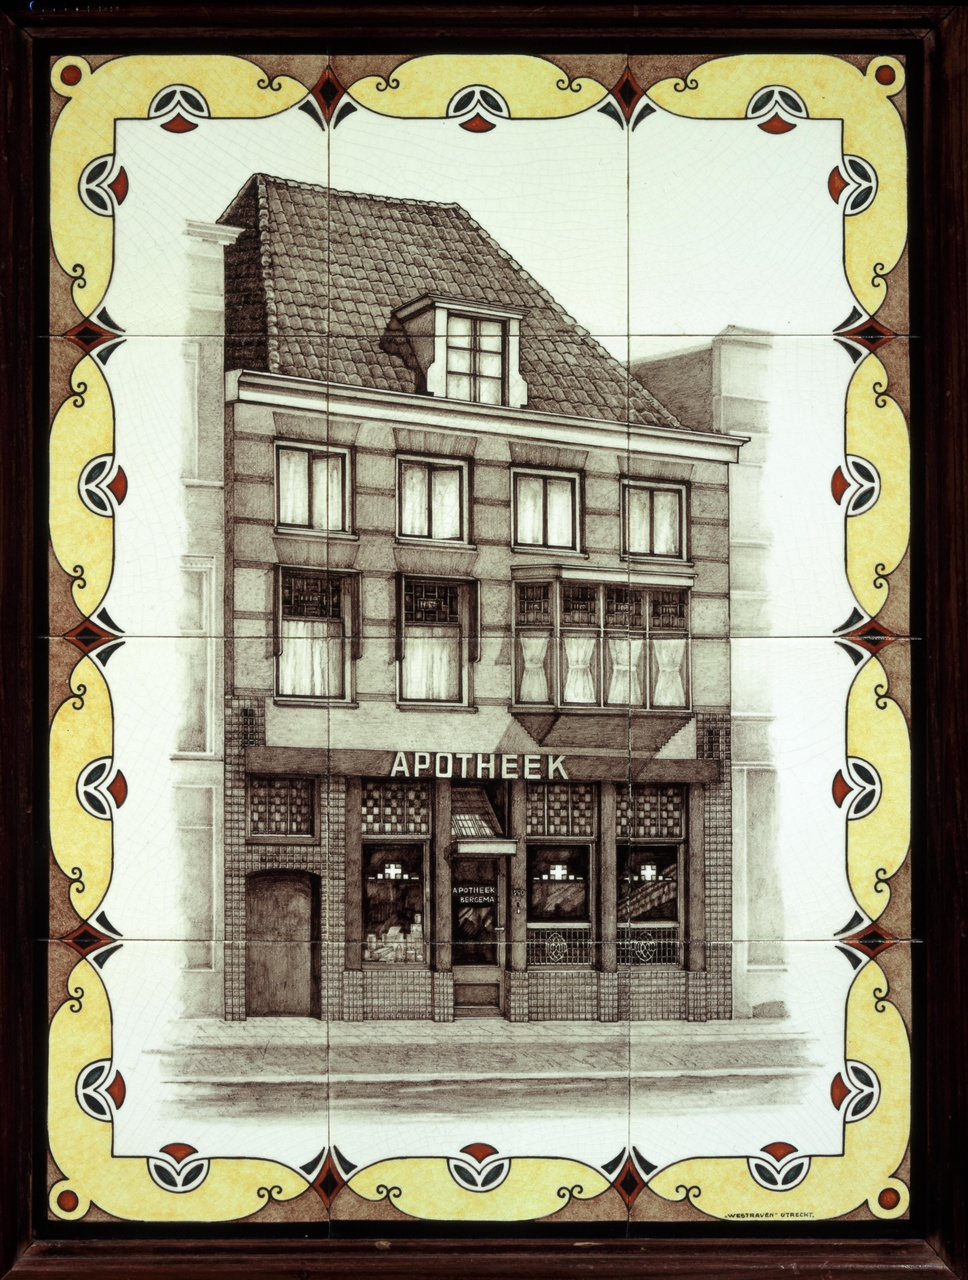 Tegeltableau met afbeelding van apotheek Bergema te Utrecht